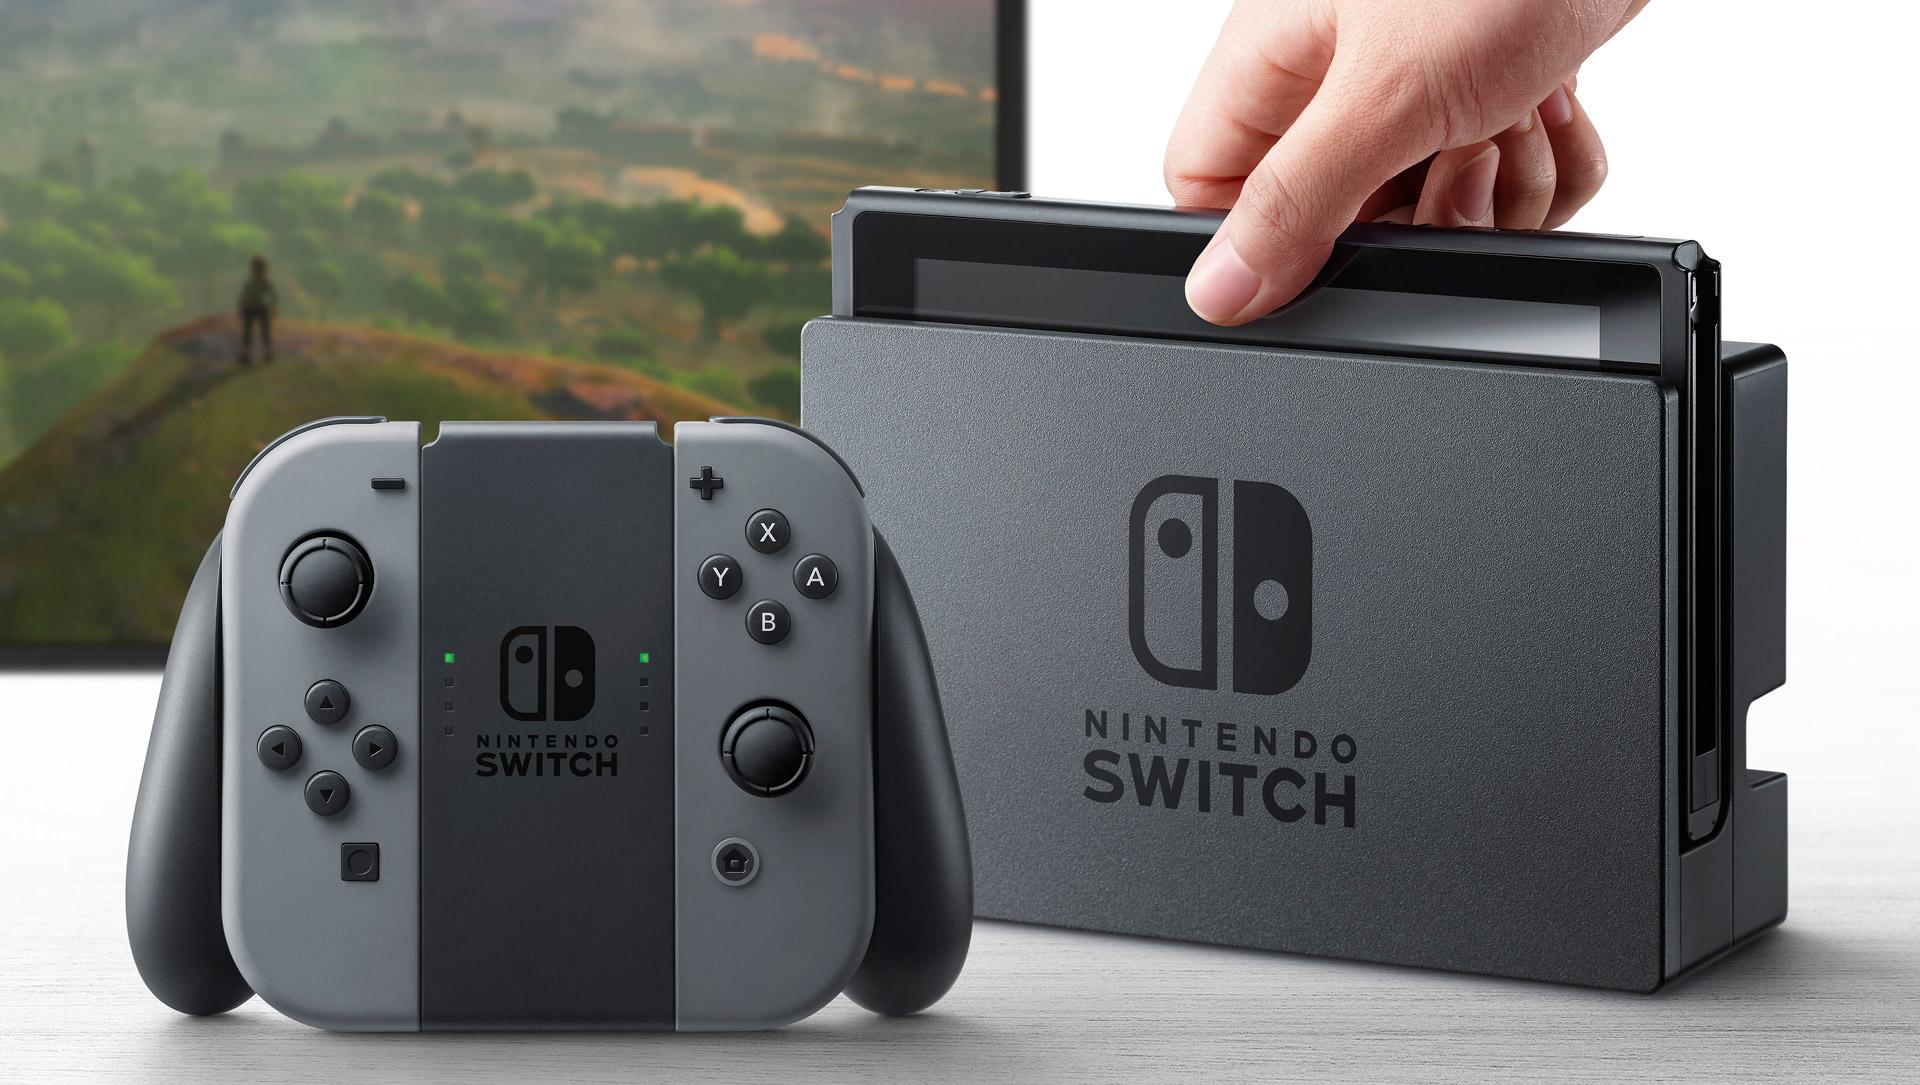 Nettspilling med Nintendo Switch blir billigere enn hos konkurrentene.